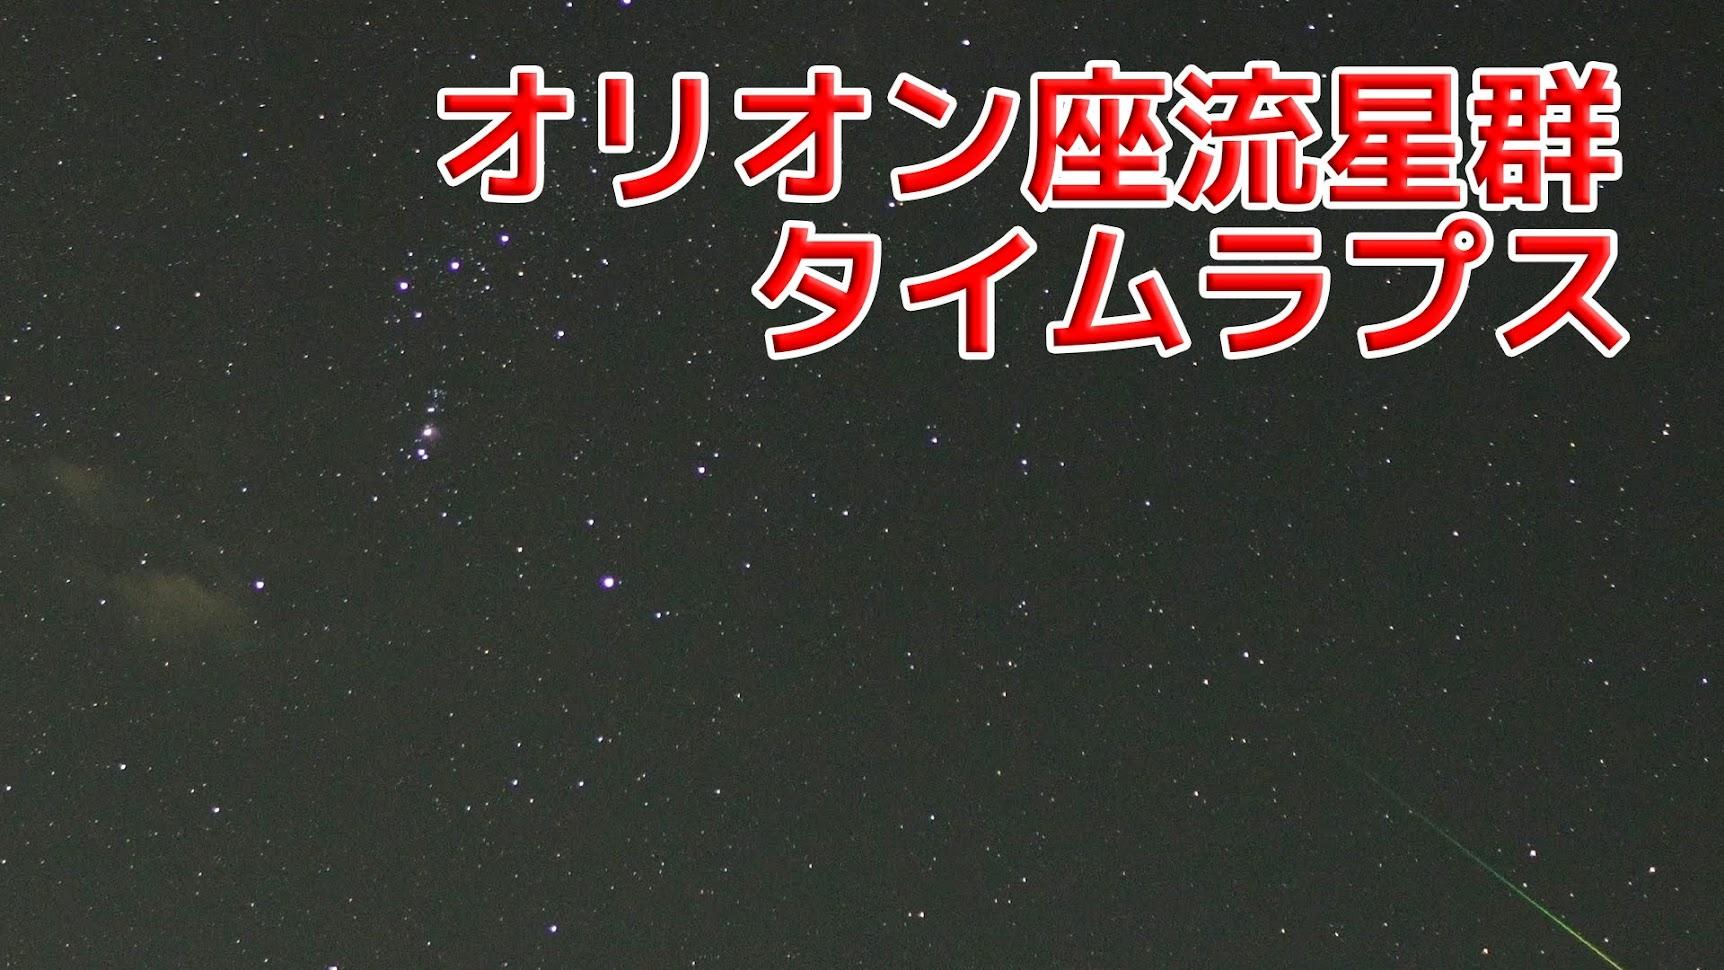 オリオン座流星群のタイムラプス(埼玉県 寄居町)10月27日